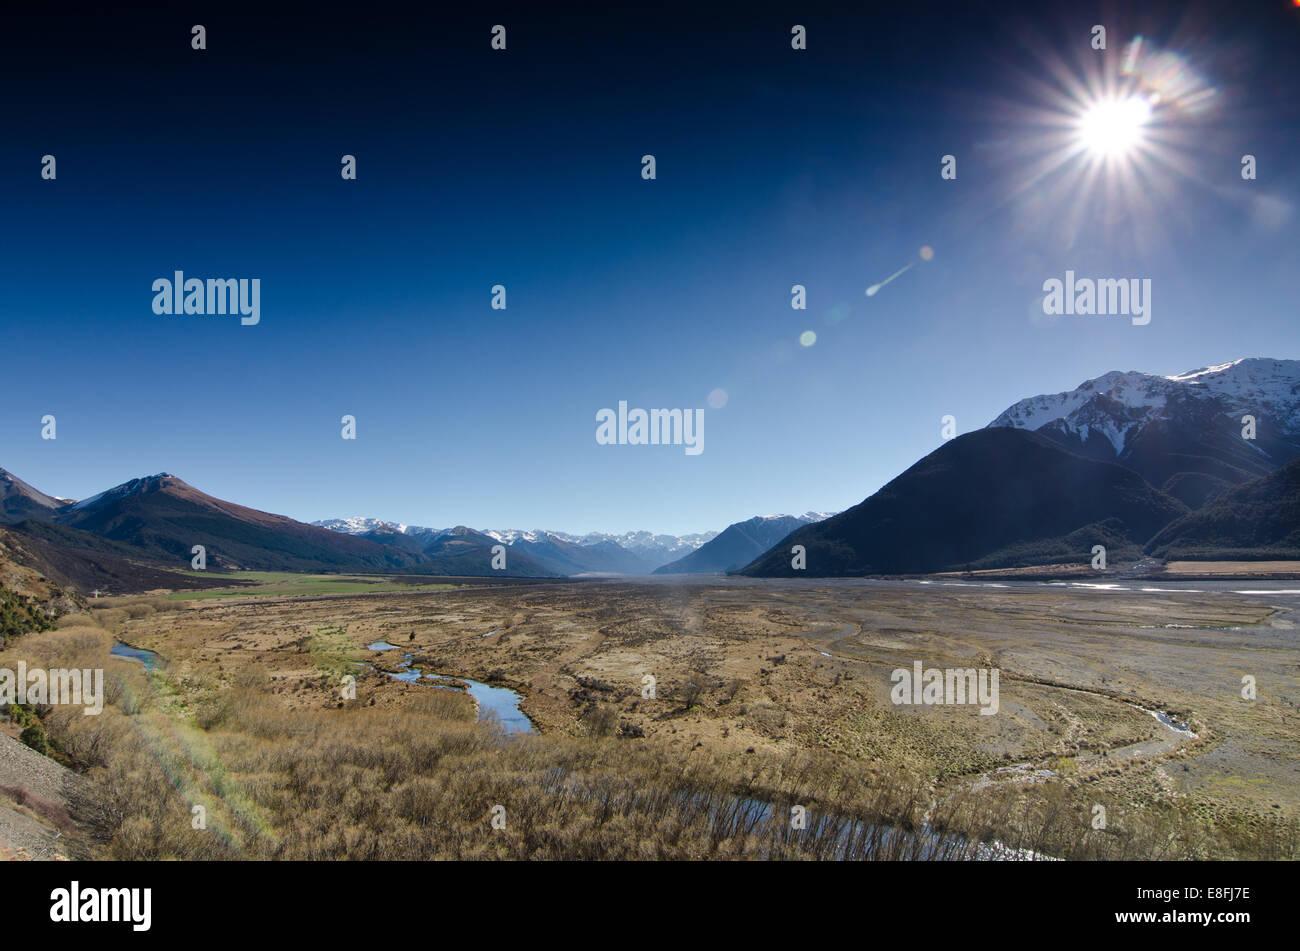 La NOUVELLE ZELANDE, Canterbury, Arthur's Pass, plaines sous la lumière du soleil Photo Stock